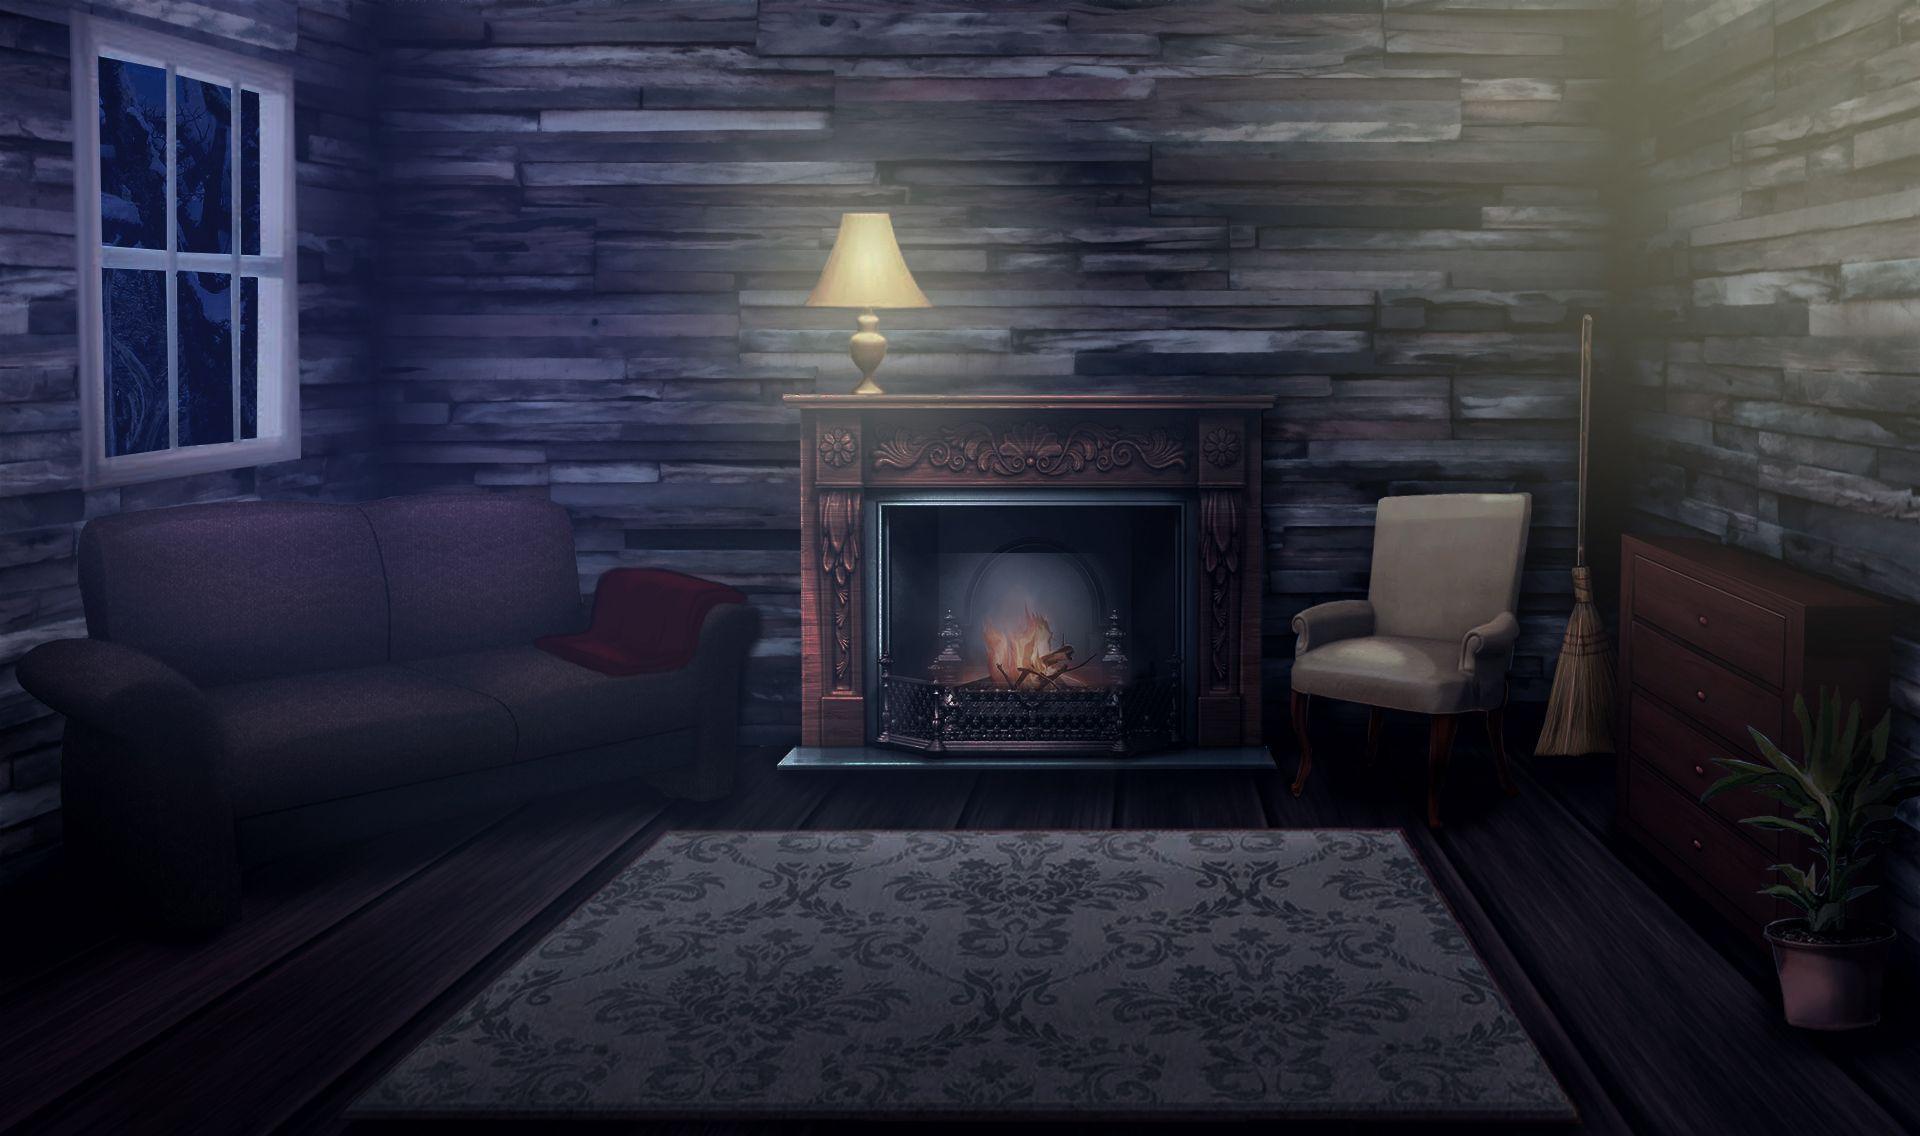 Dark Anime Bedroom Background Em 2020 Com Imagens Cenario